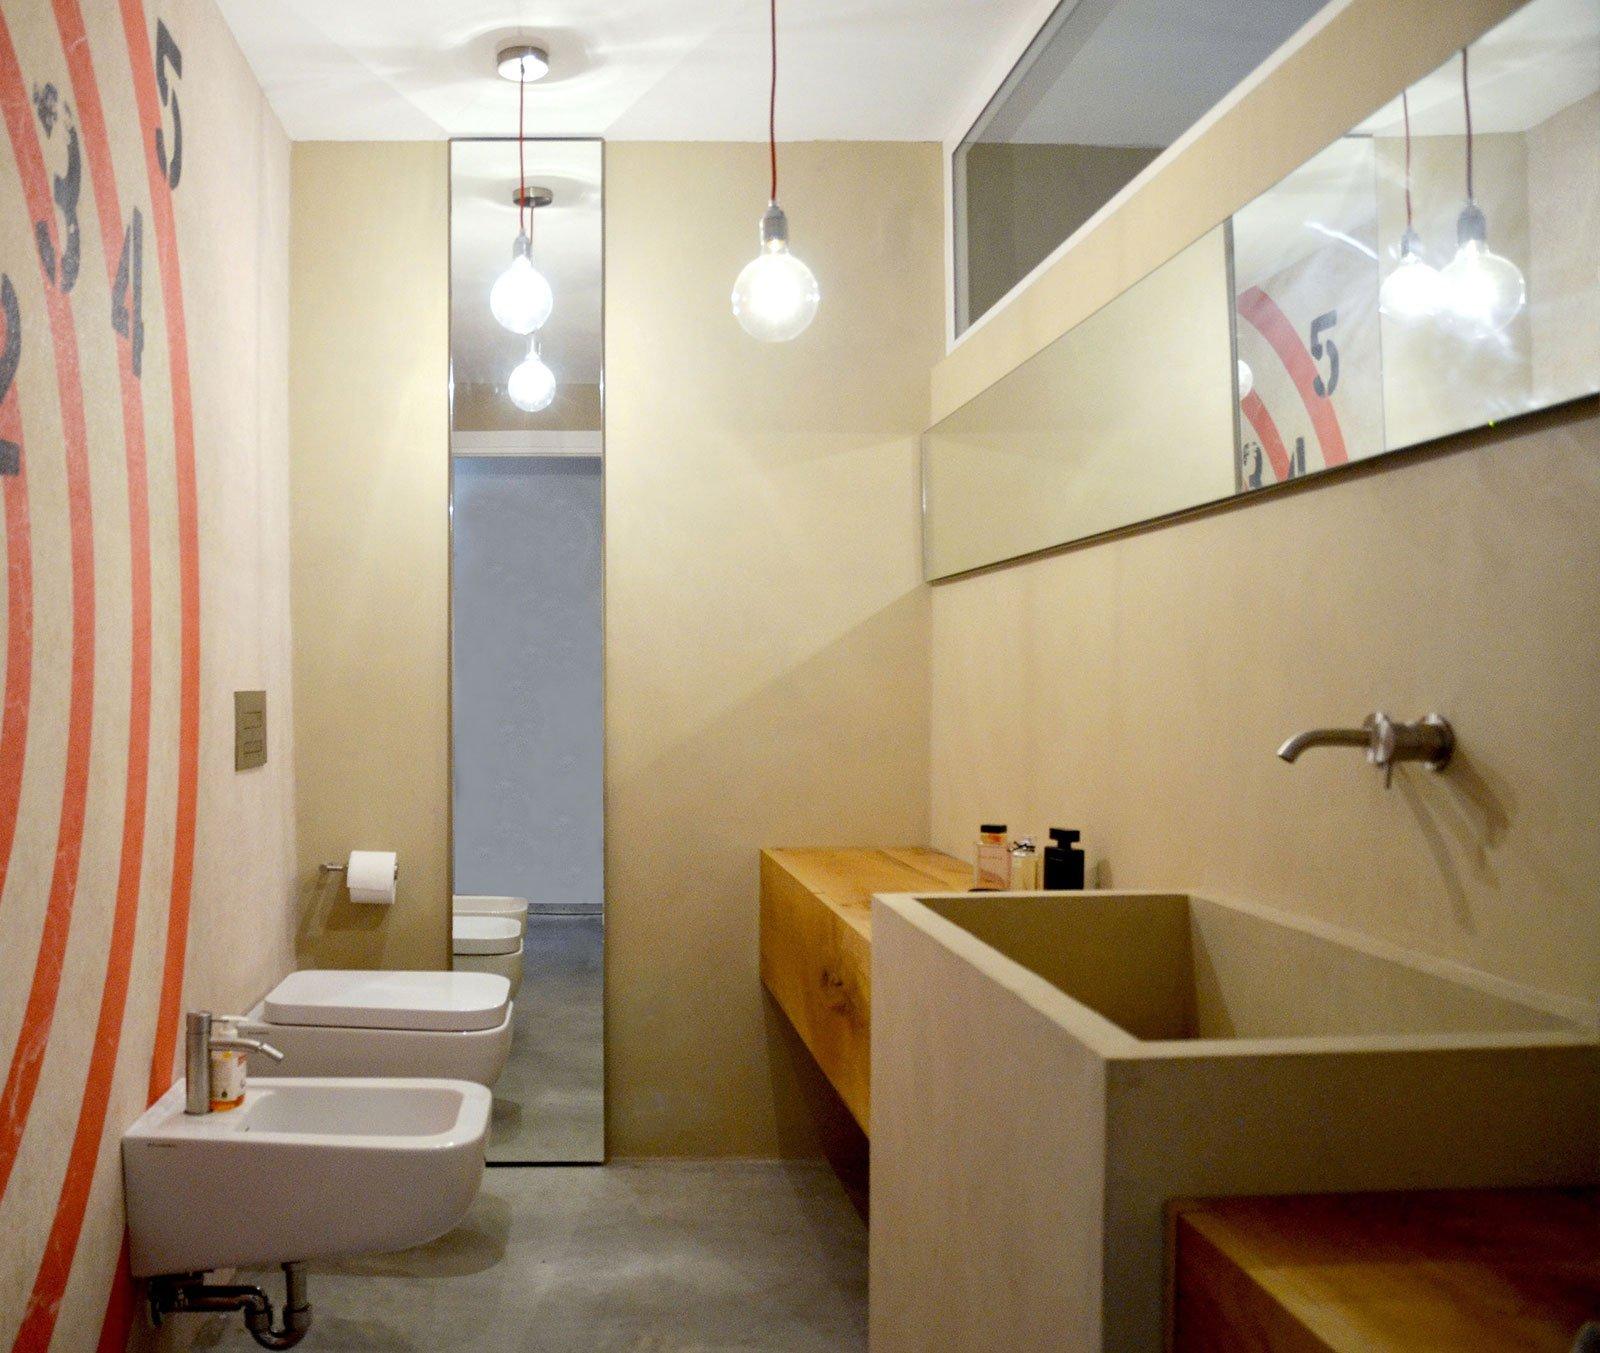 Resina rivestimenti per pavimenti pareti piani di - Resina per pareti bagno ...